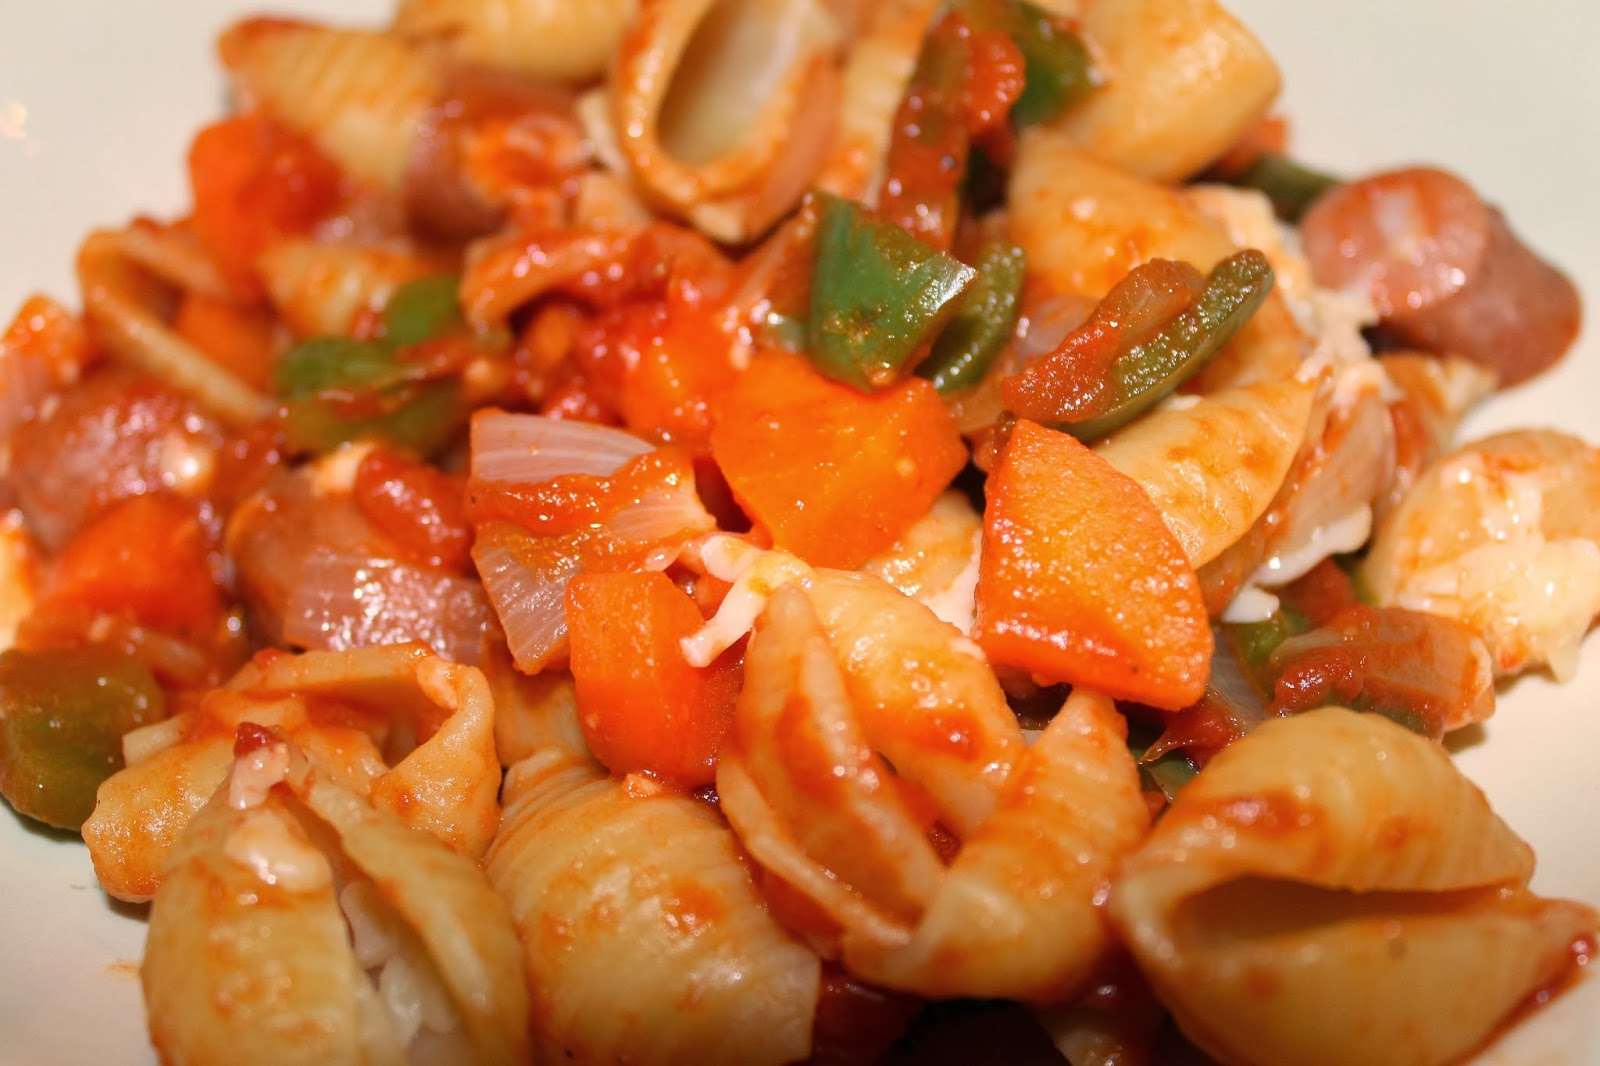 Hotdog pasta - www.jibberjabberuk.co.uk